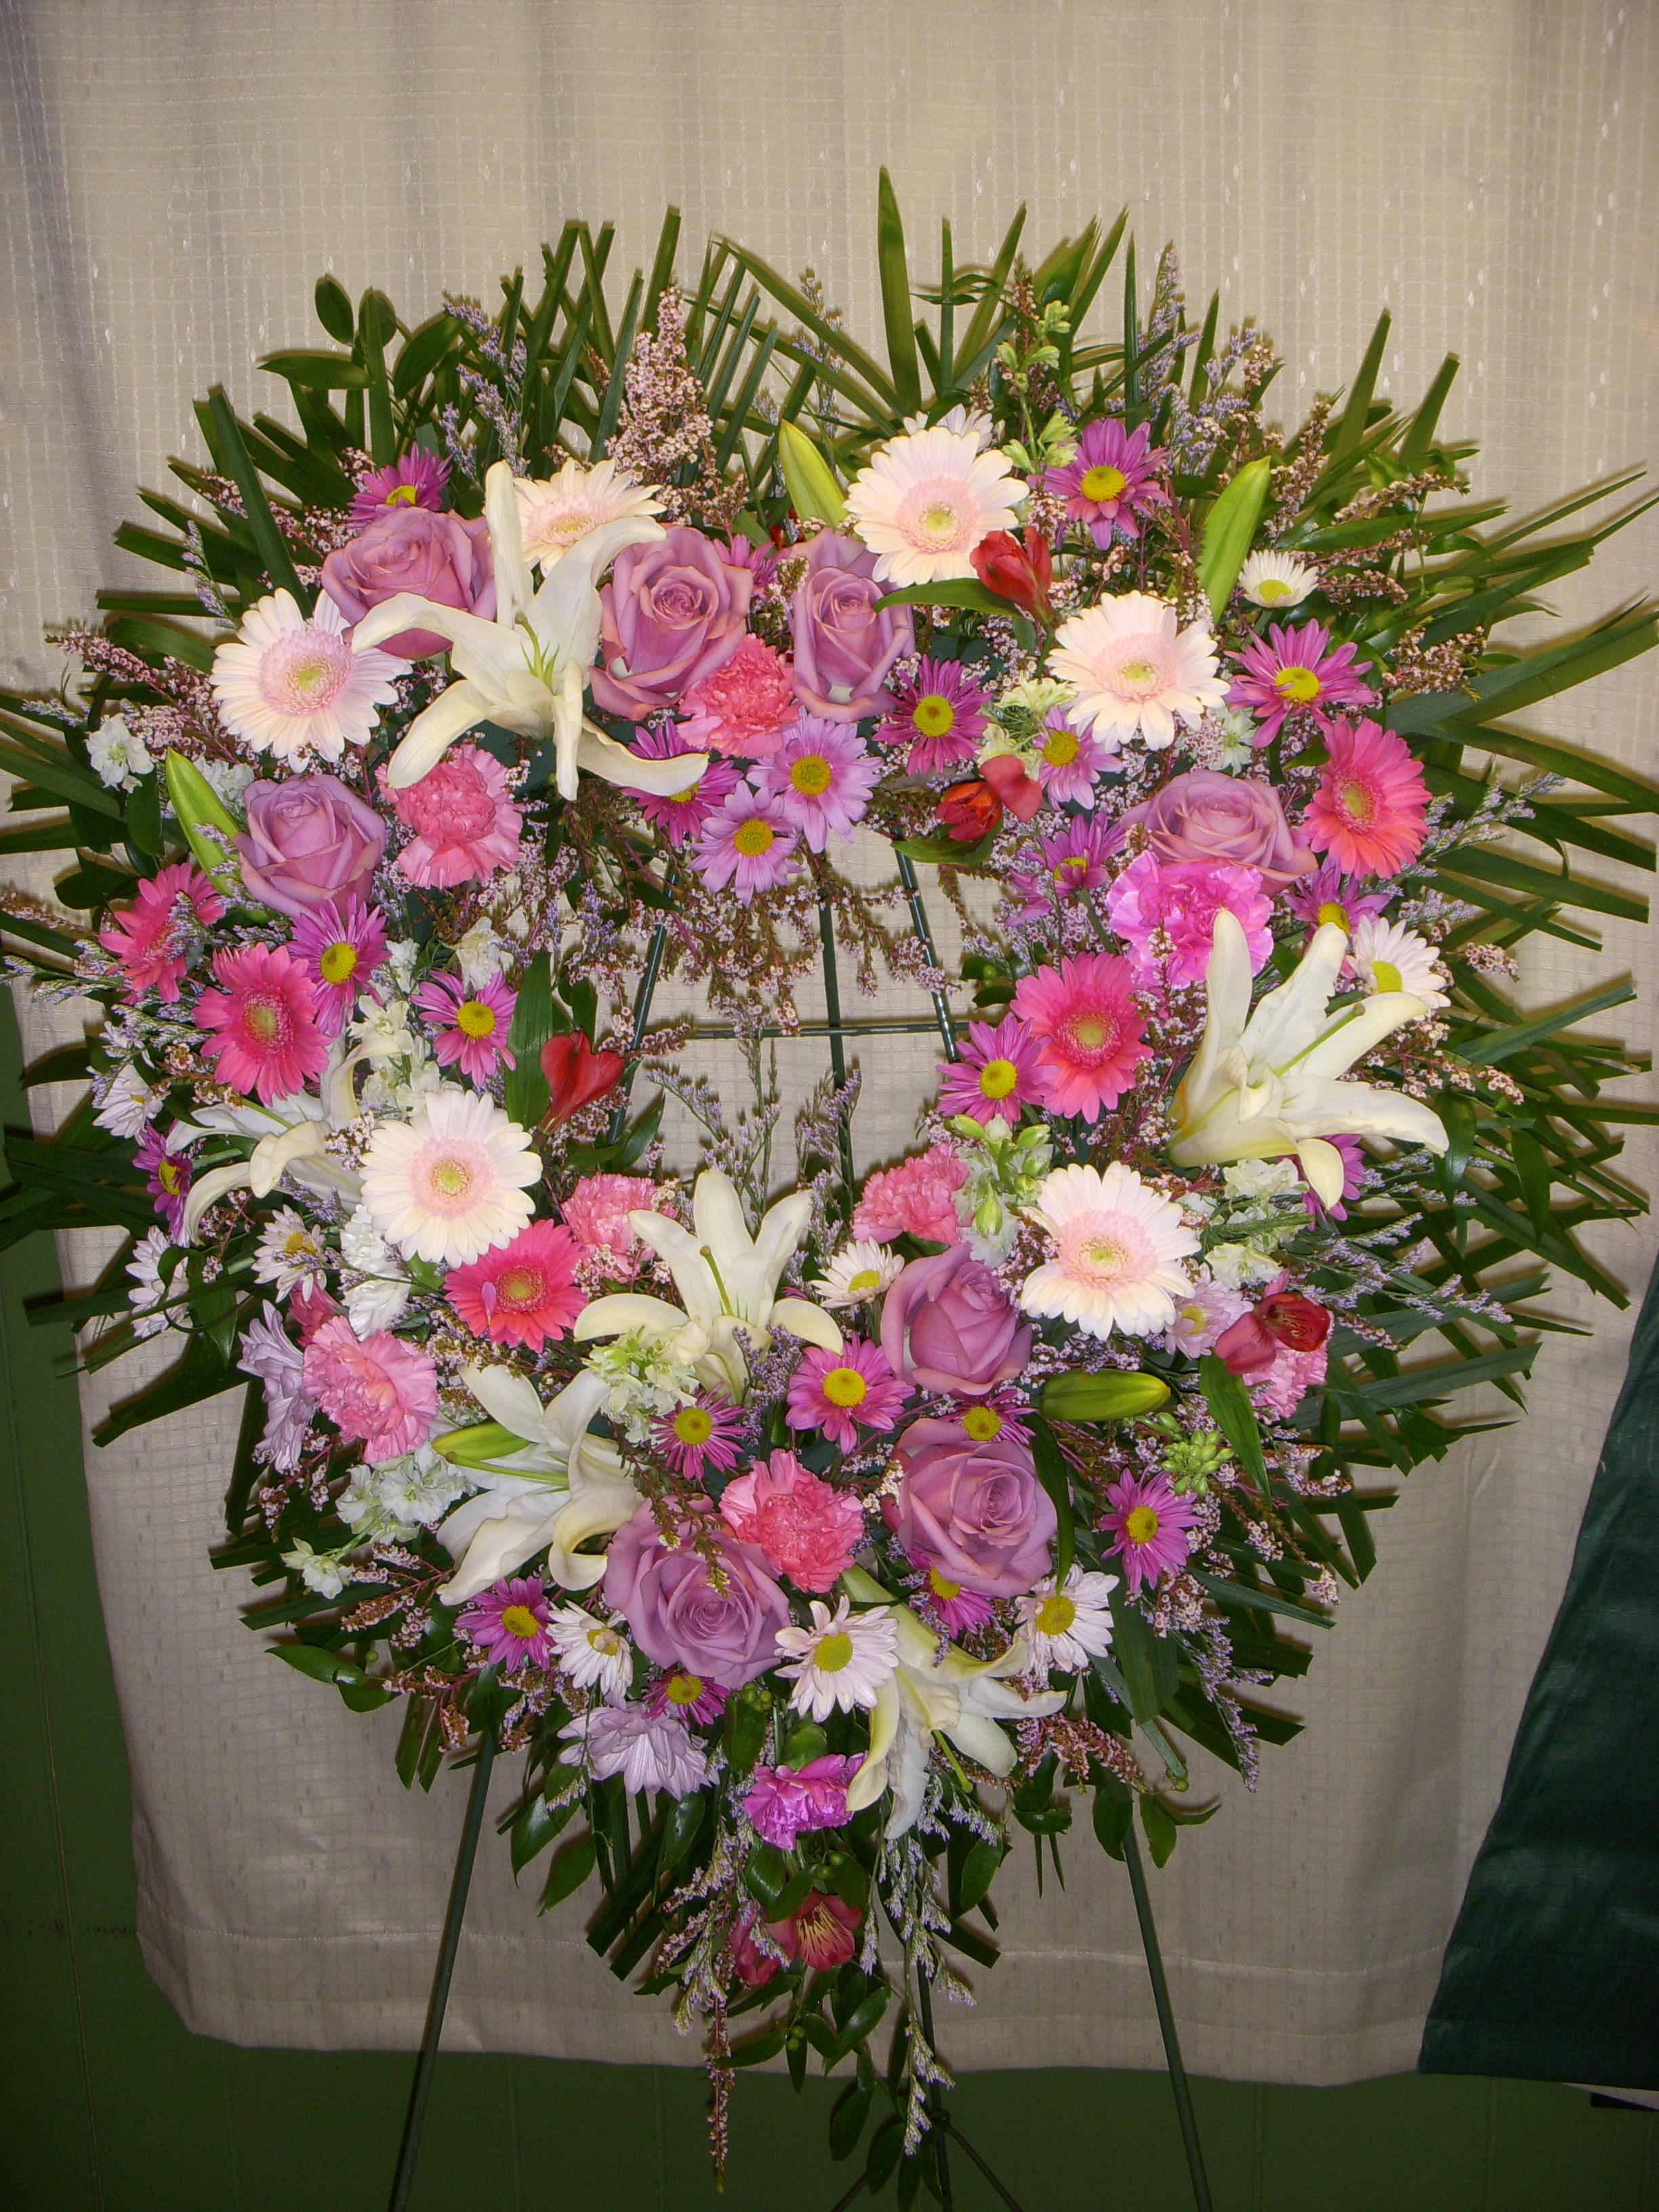 Floral Boutique & Sweet Shop image 5